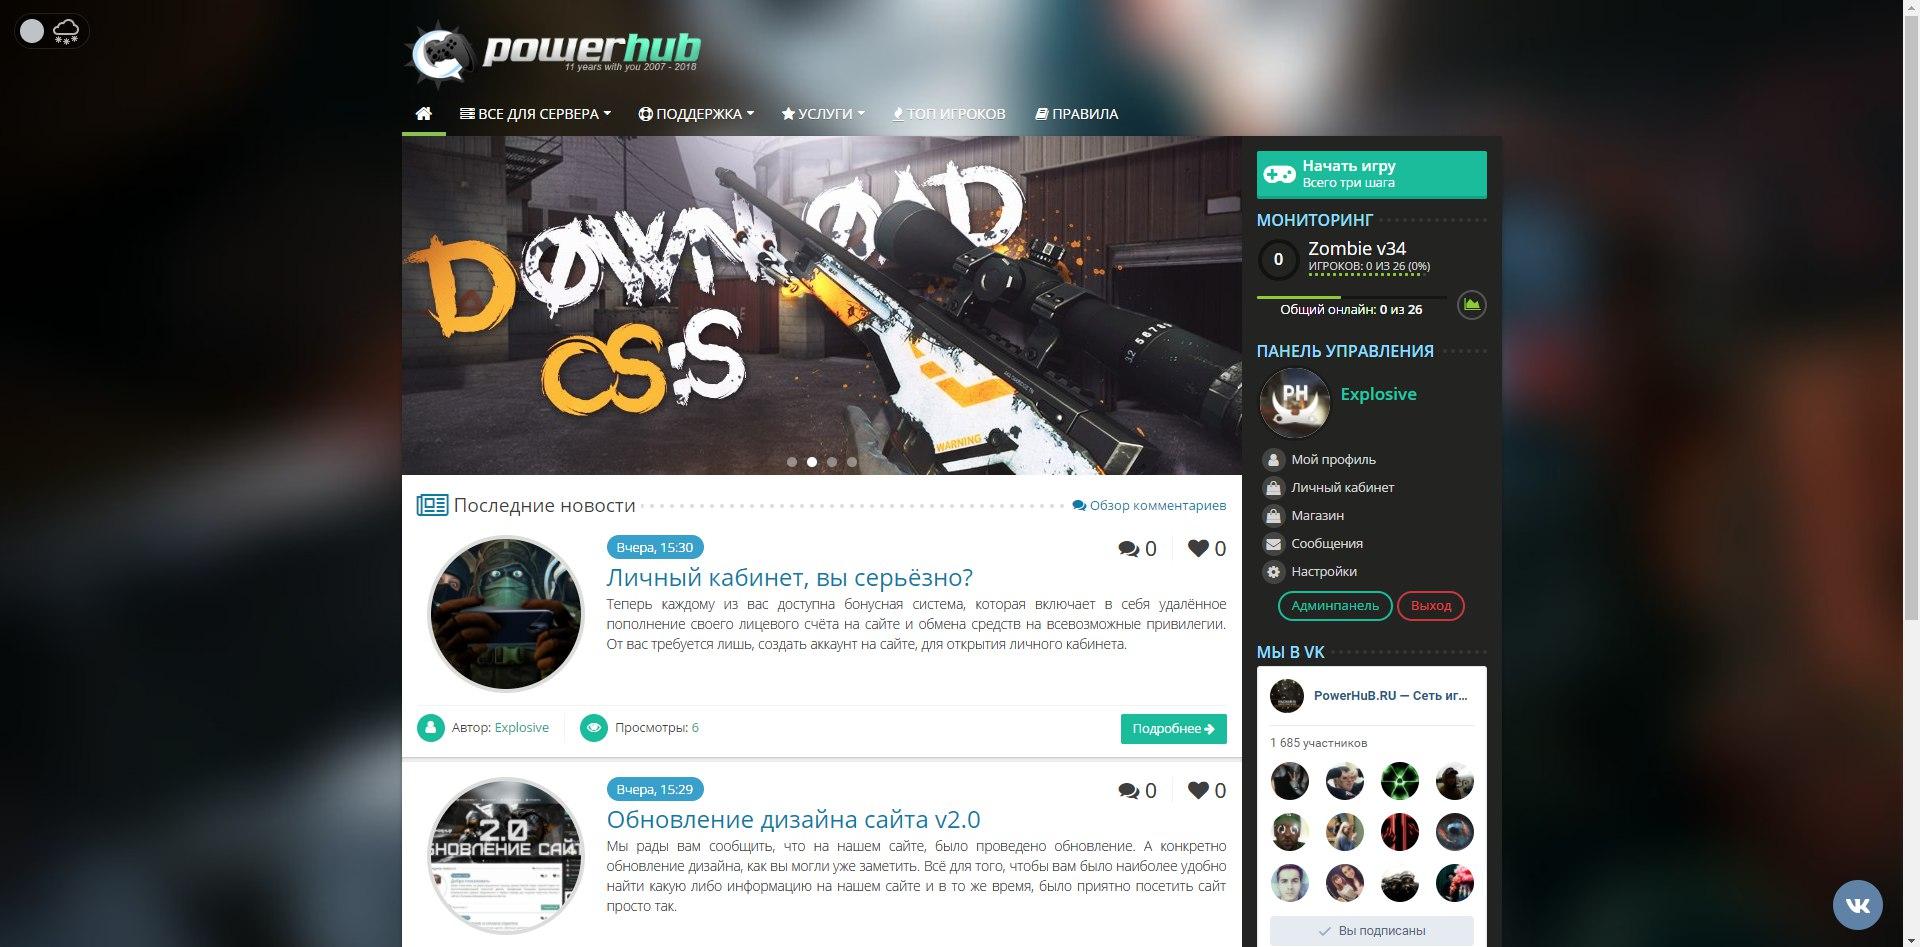 Обновление дизайна сайта v2.0